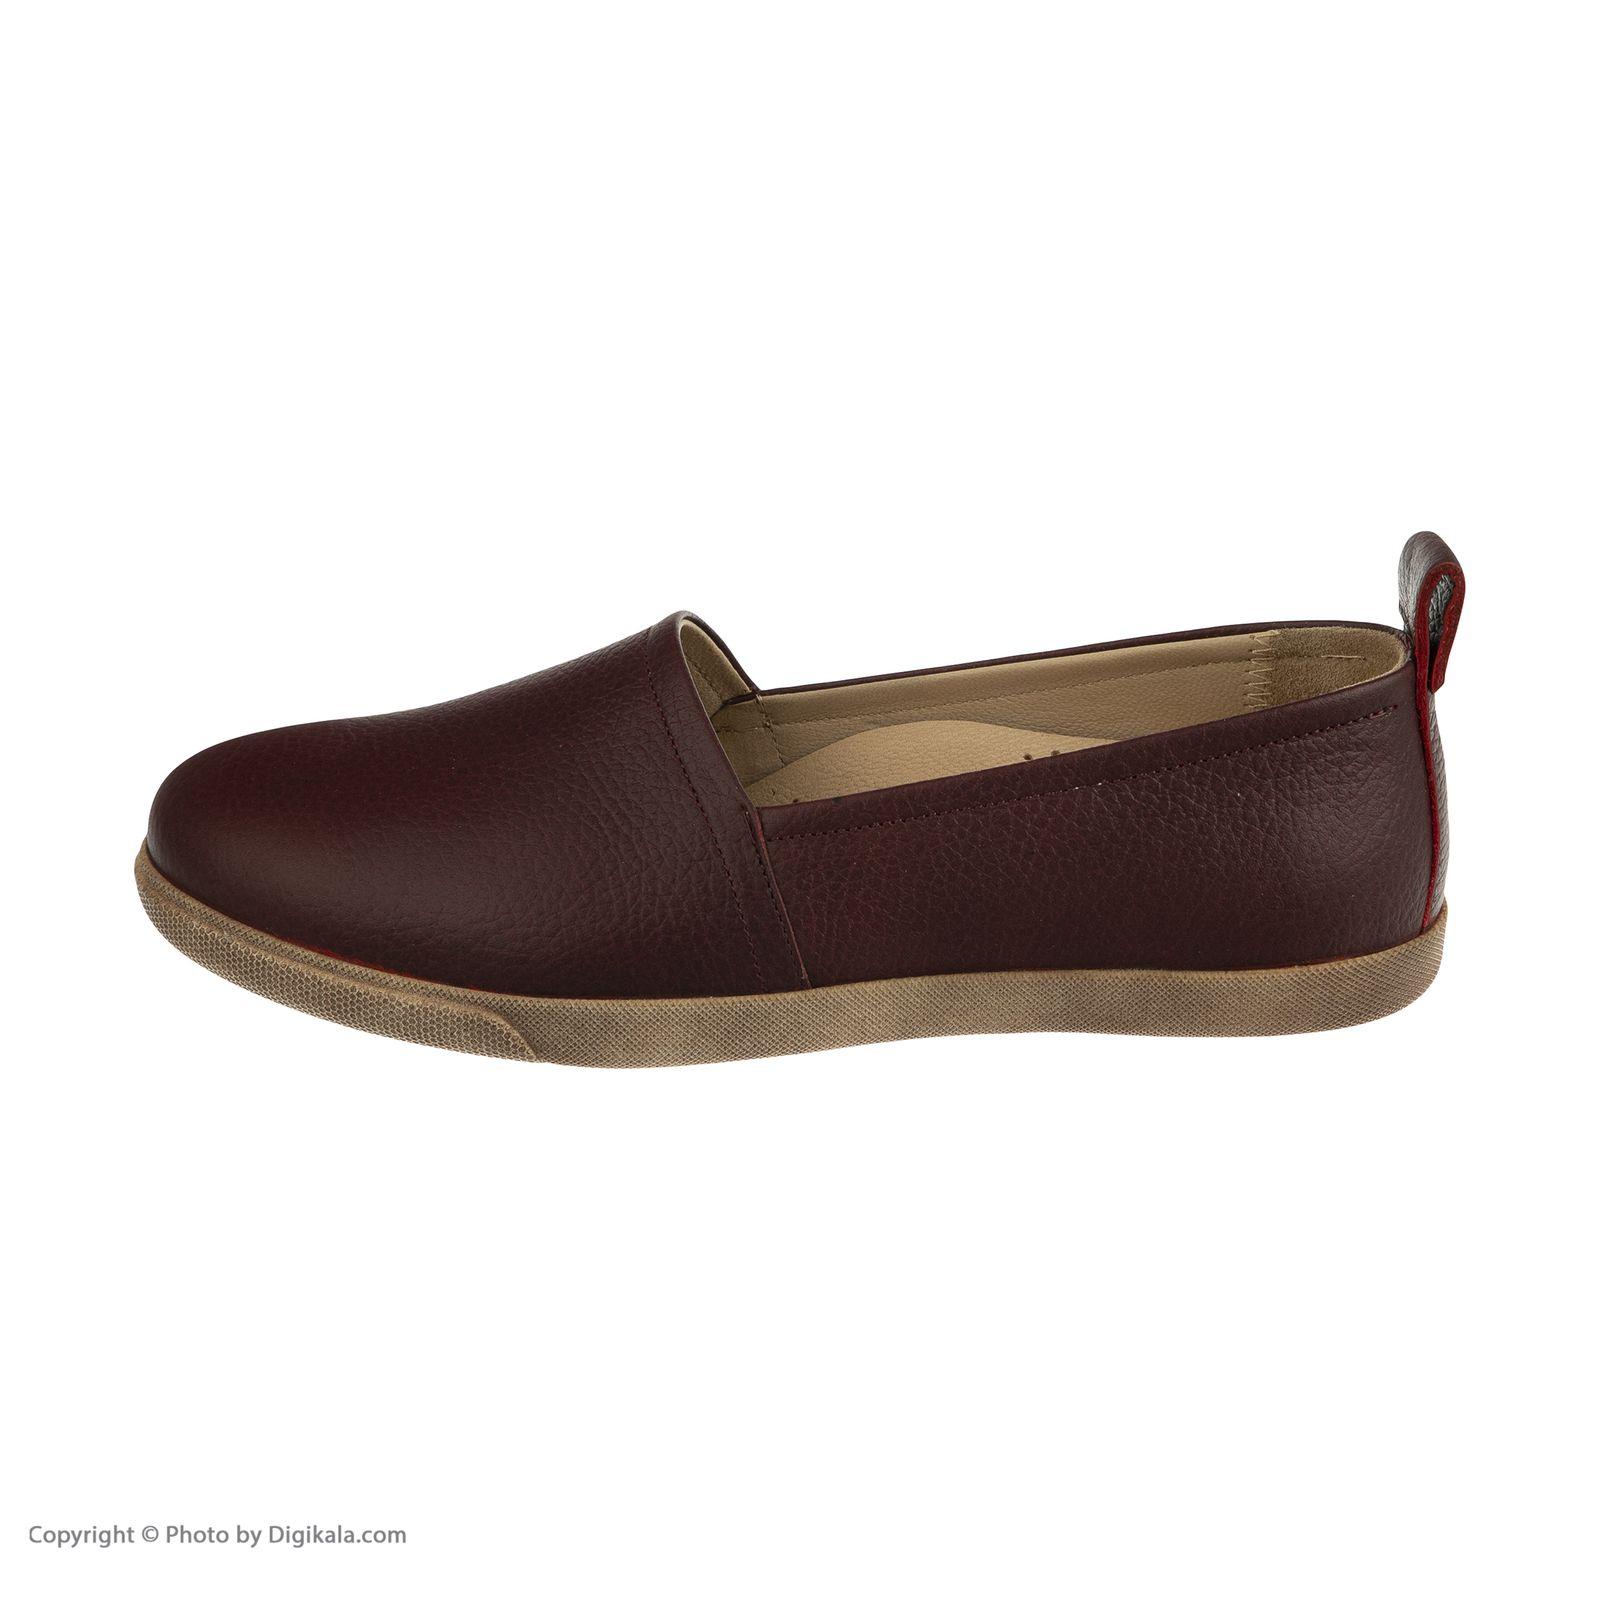 تصویر کفش روزمره زنانه برتونیکس مدل 150-B-013